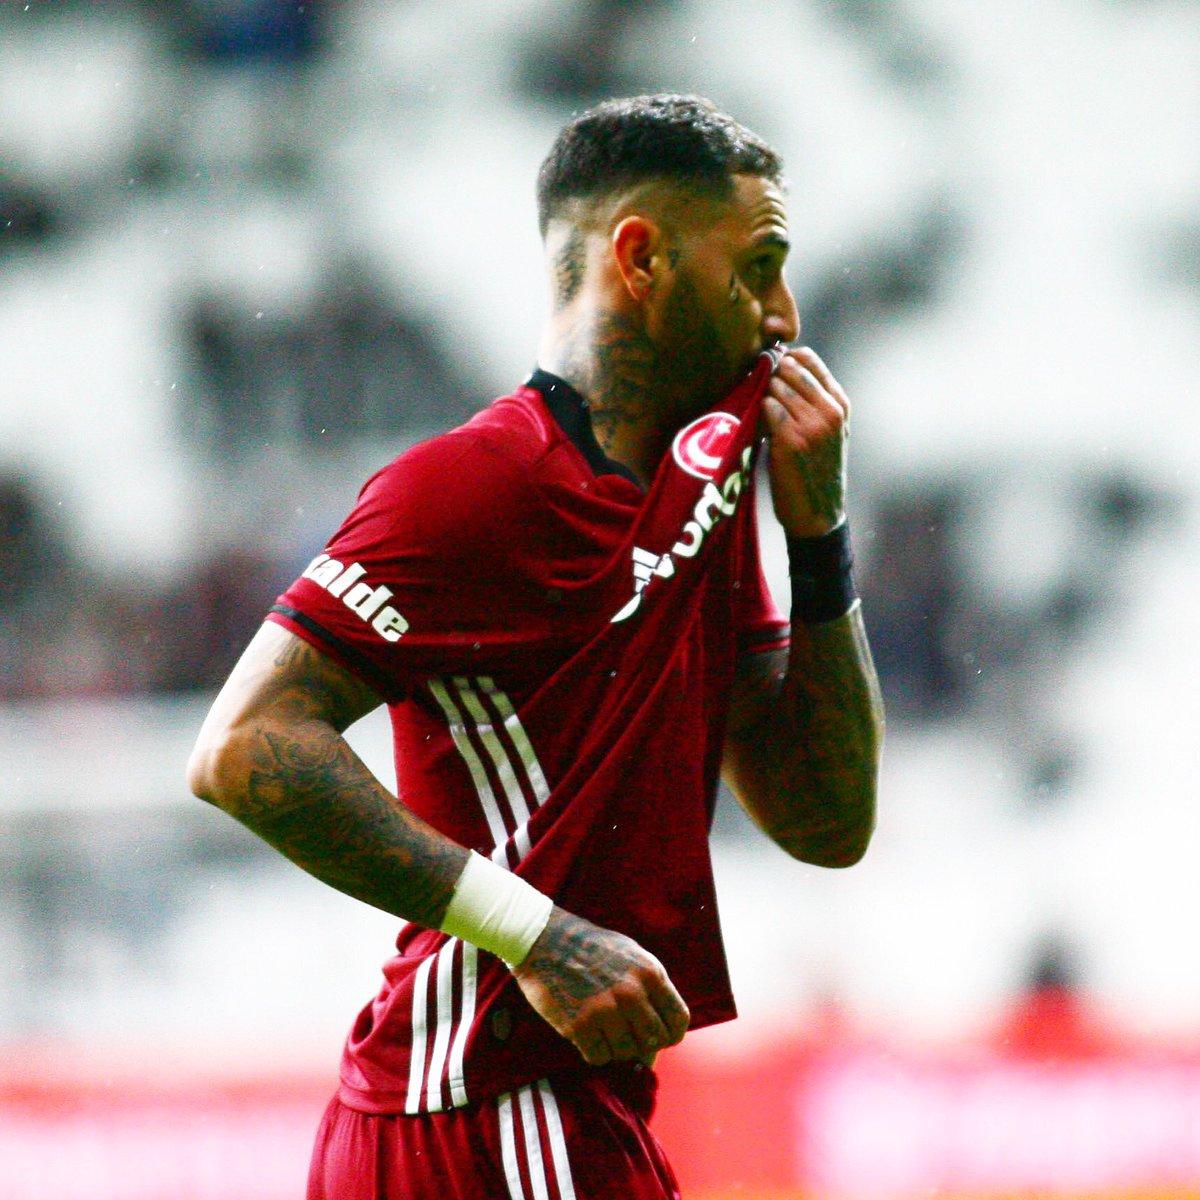 #RicardoQuaresma golünü attı ve armamızı öptü #Beşiktaş